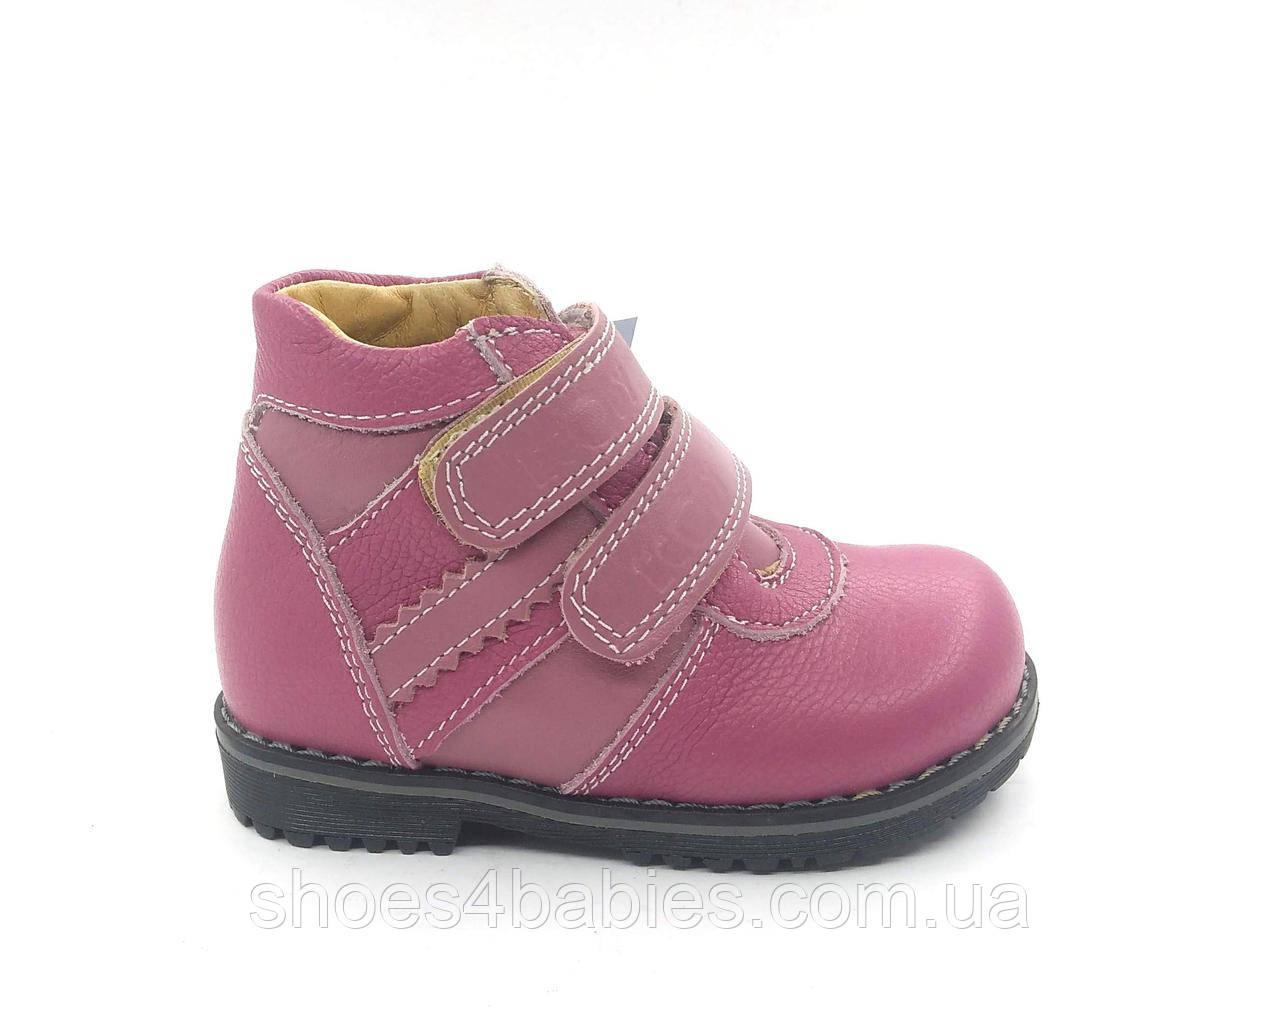 Ортопедические ботинки зимние кожаные для девочки Ecoby р. 21, 23, 25 модель 203P